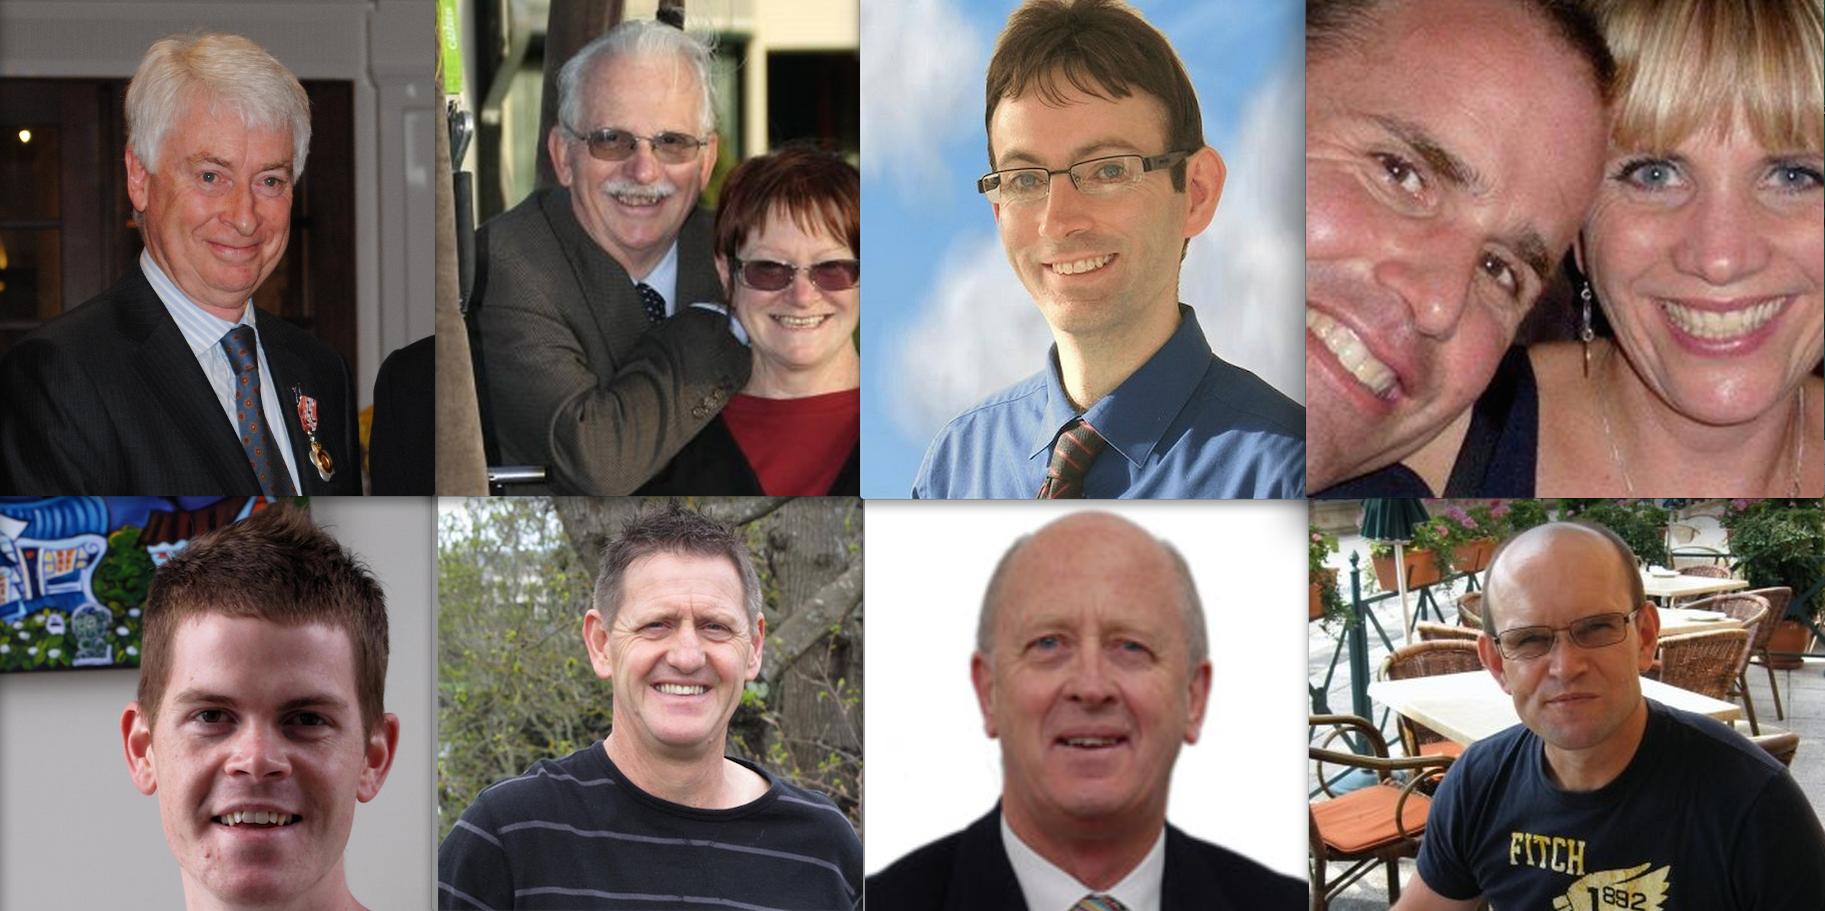 Left top tp right: Judge Barber, Dale Vanderhoof/Jean Palmer-Holmes, Steven Price, Aaron Van Delden, Michael Van Delden, Ngarai Vanderhoof,  Gerald Gallacher, Garry Denley